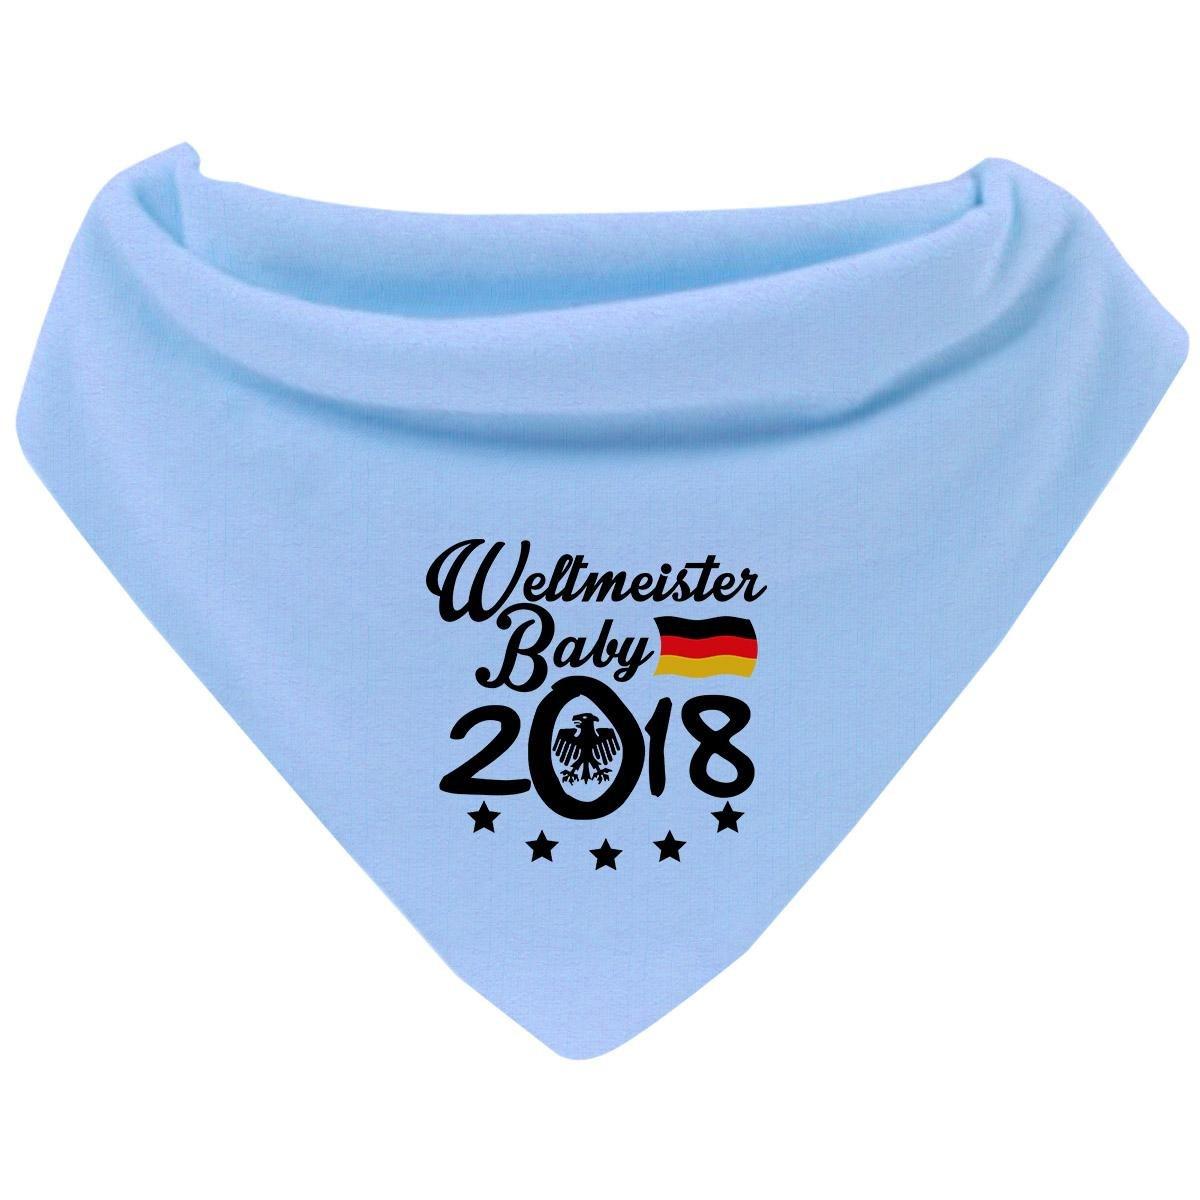 Mikalino Baby Halstuch Bandana Weltmeister Baby 2018 mit Klettverschluss passend zur WM in Russland Farbe:cream